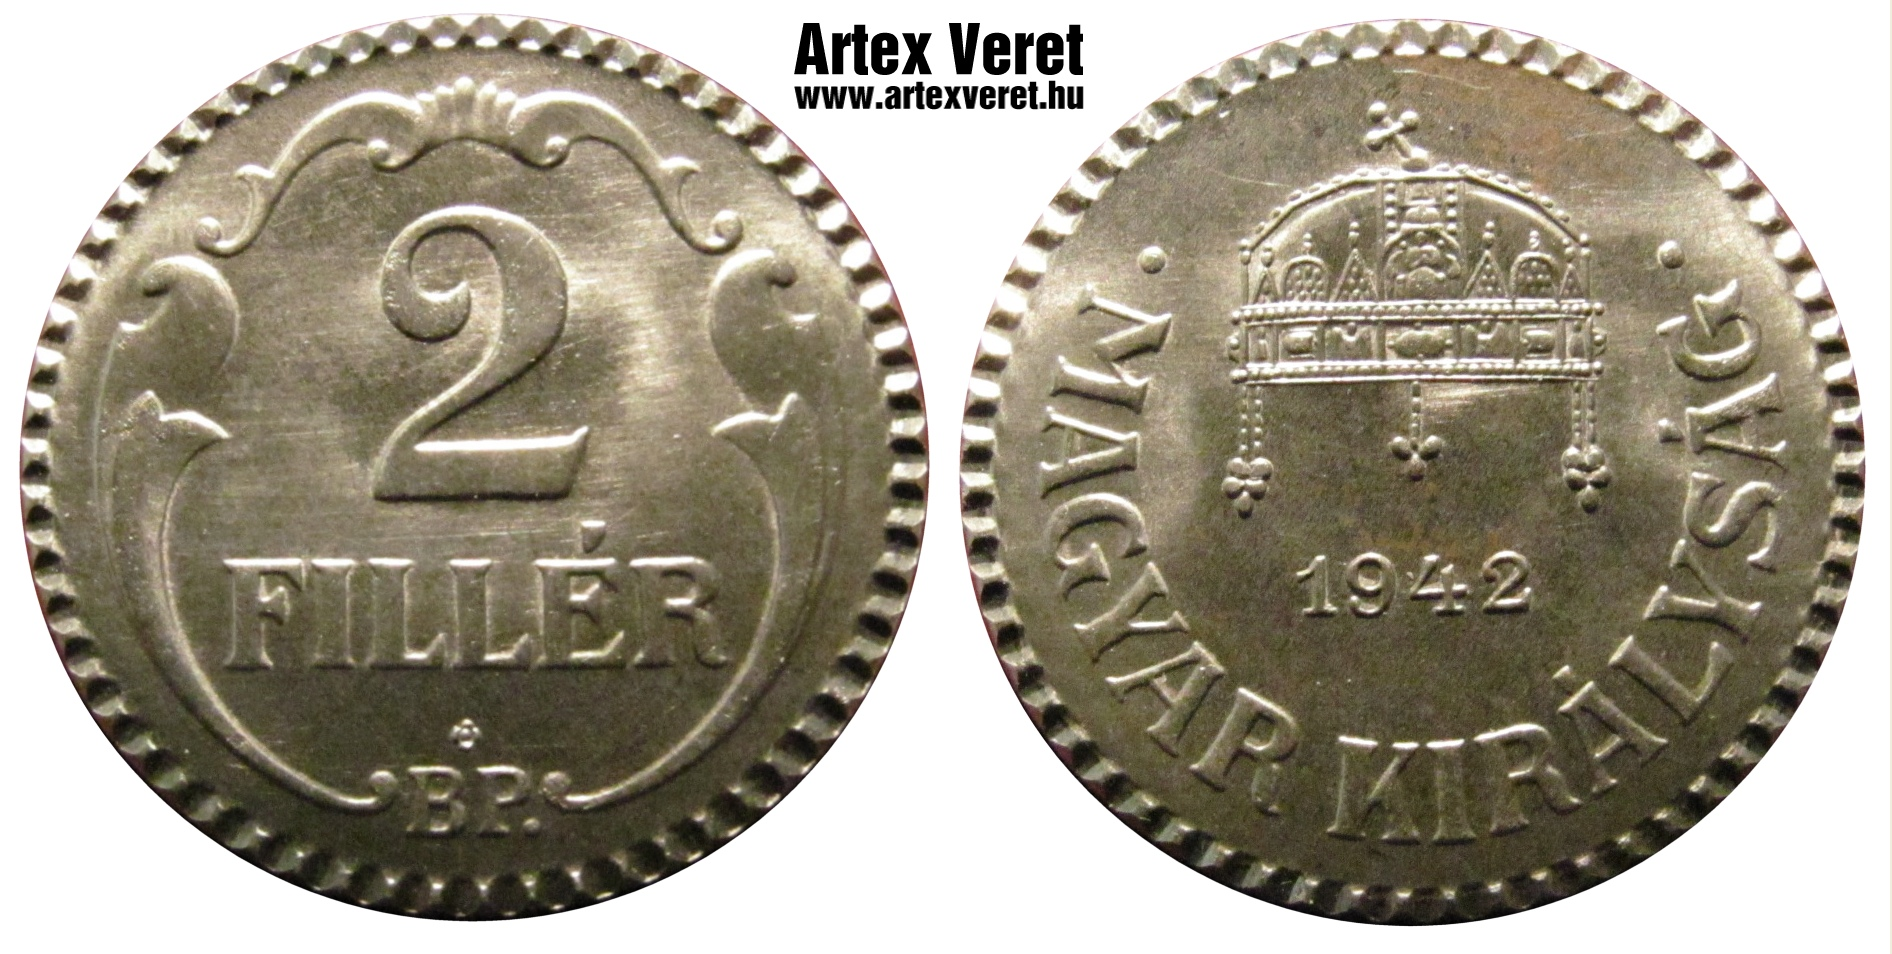 http://www.artexveret.hu/pengo-artex-utanveret/www_artexveret_hu_vas_1942_rozettas_rovatkolt_artex_utanveret_2_filler.jpg